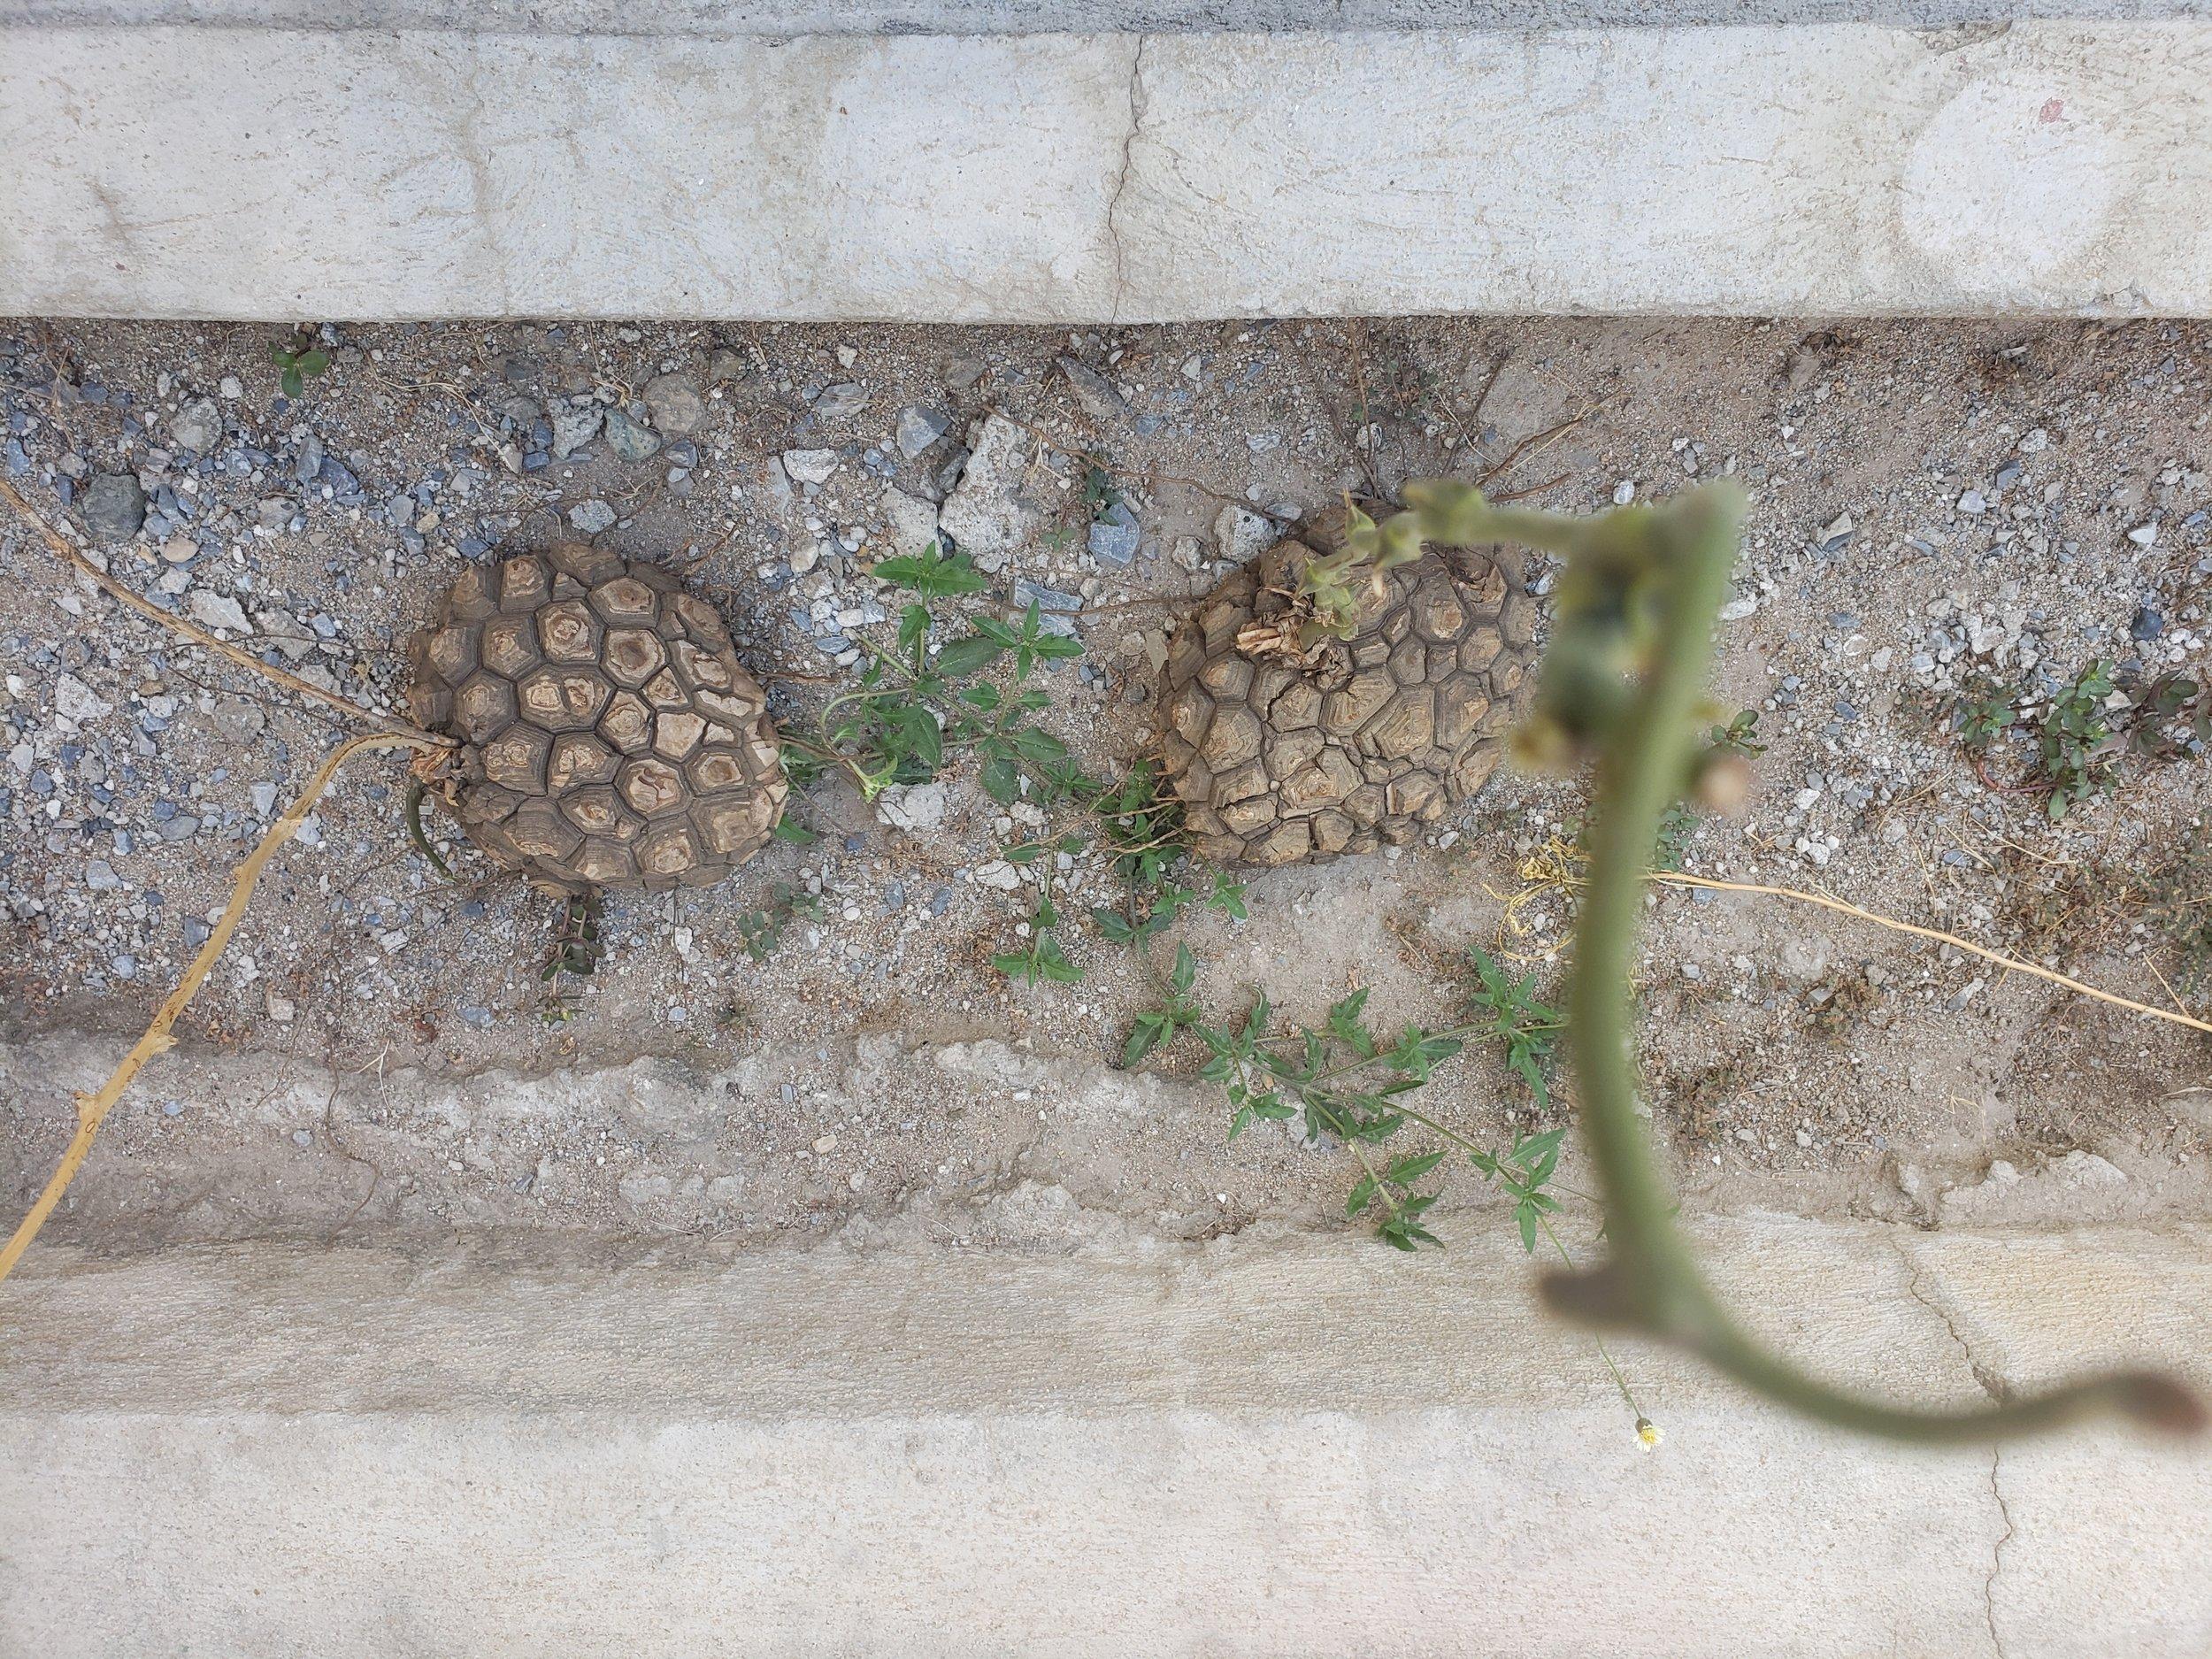 Turtle Plants - Guatemala - Lulu Matute